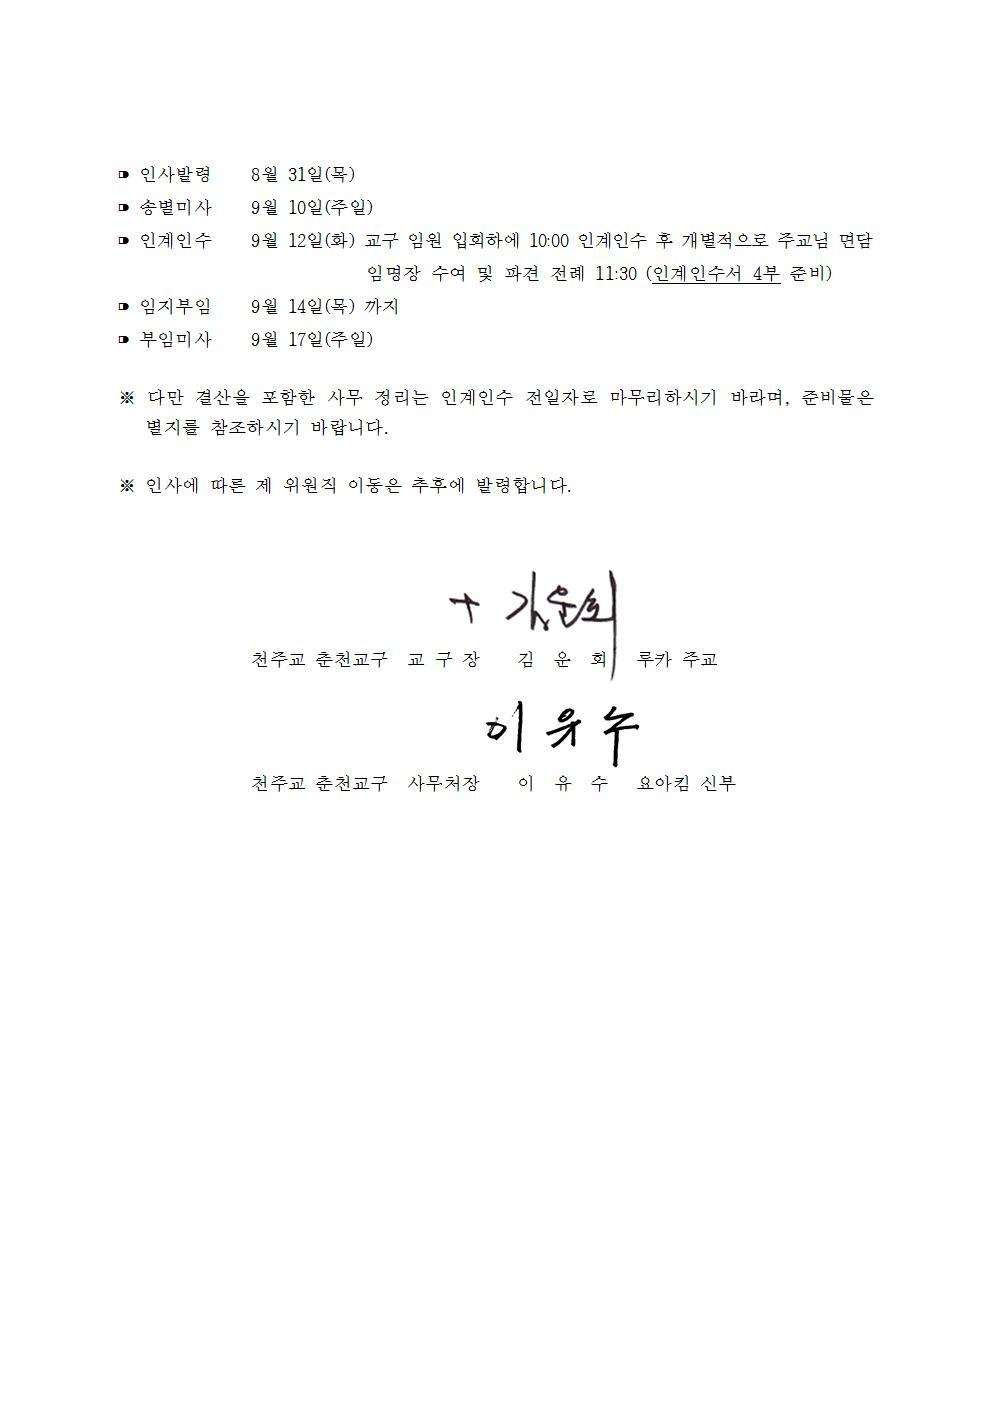 춘교 17-0058호 사제 정기 인사002.jpg